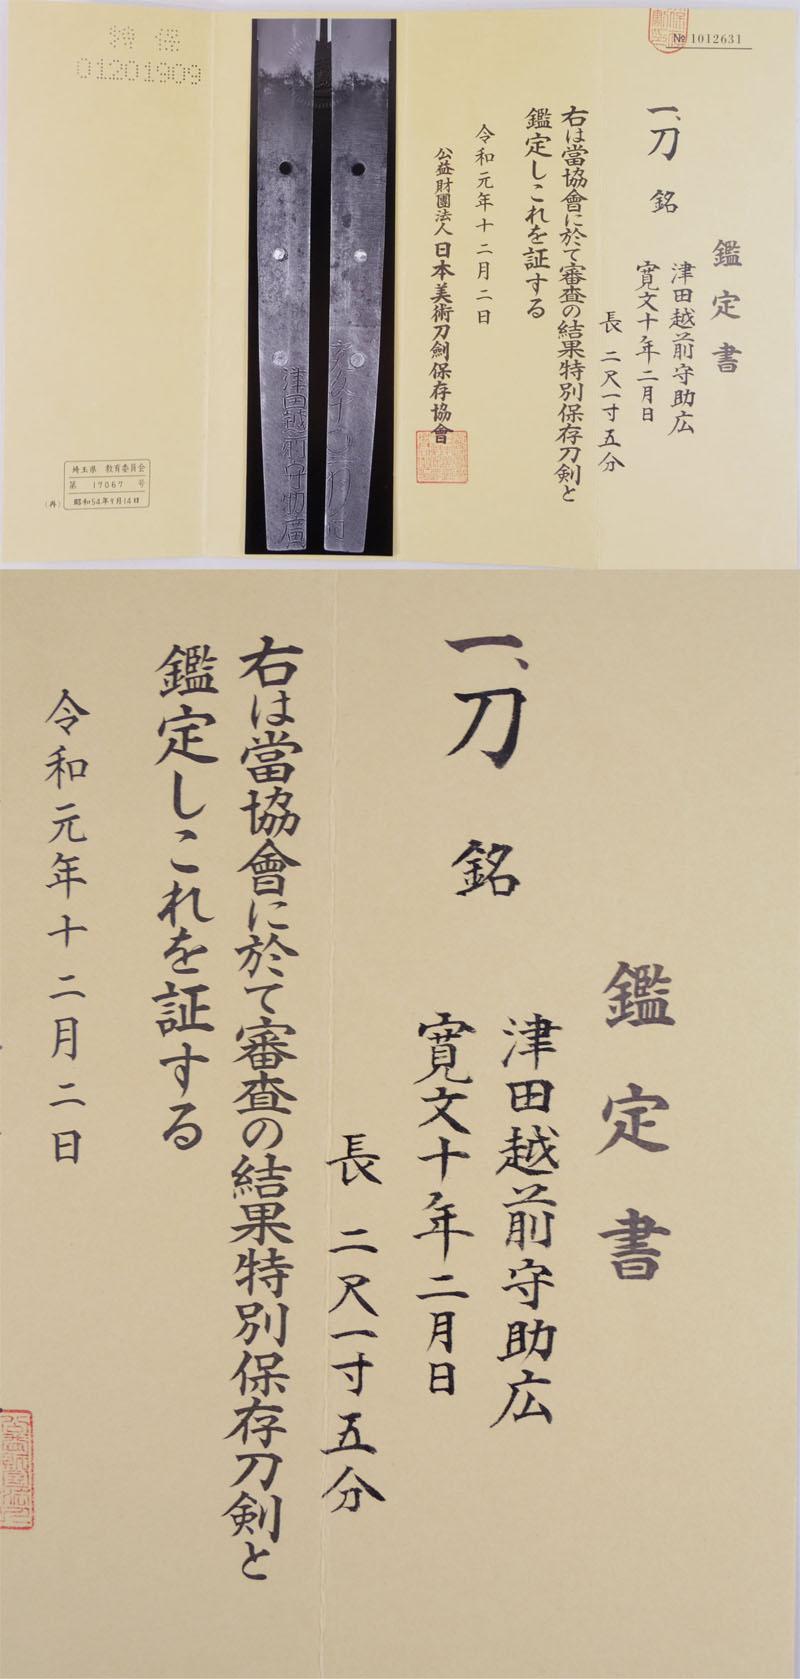 刀 津田越前守助広 寛文十年二月日(角津田)(二代助広)(新刀最上作)(大業物)(濤瀾刃) Picture of Certificate